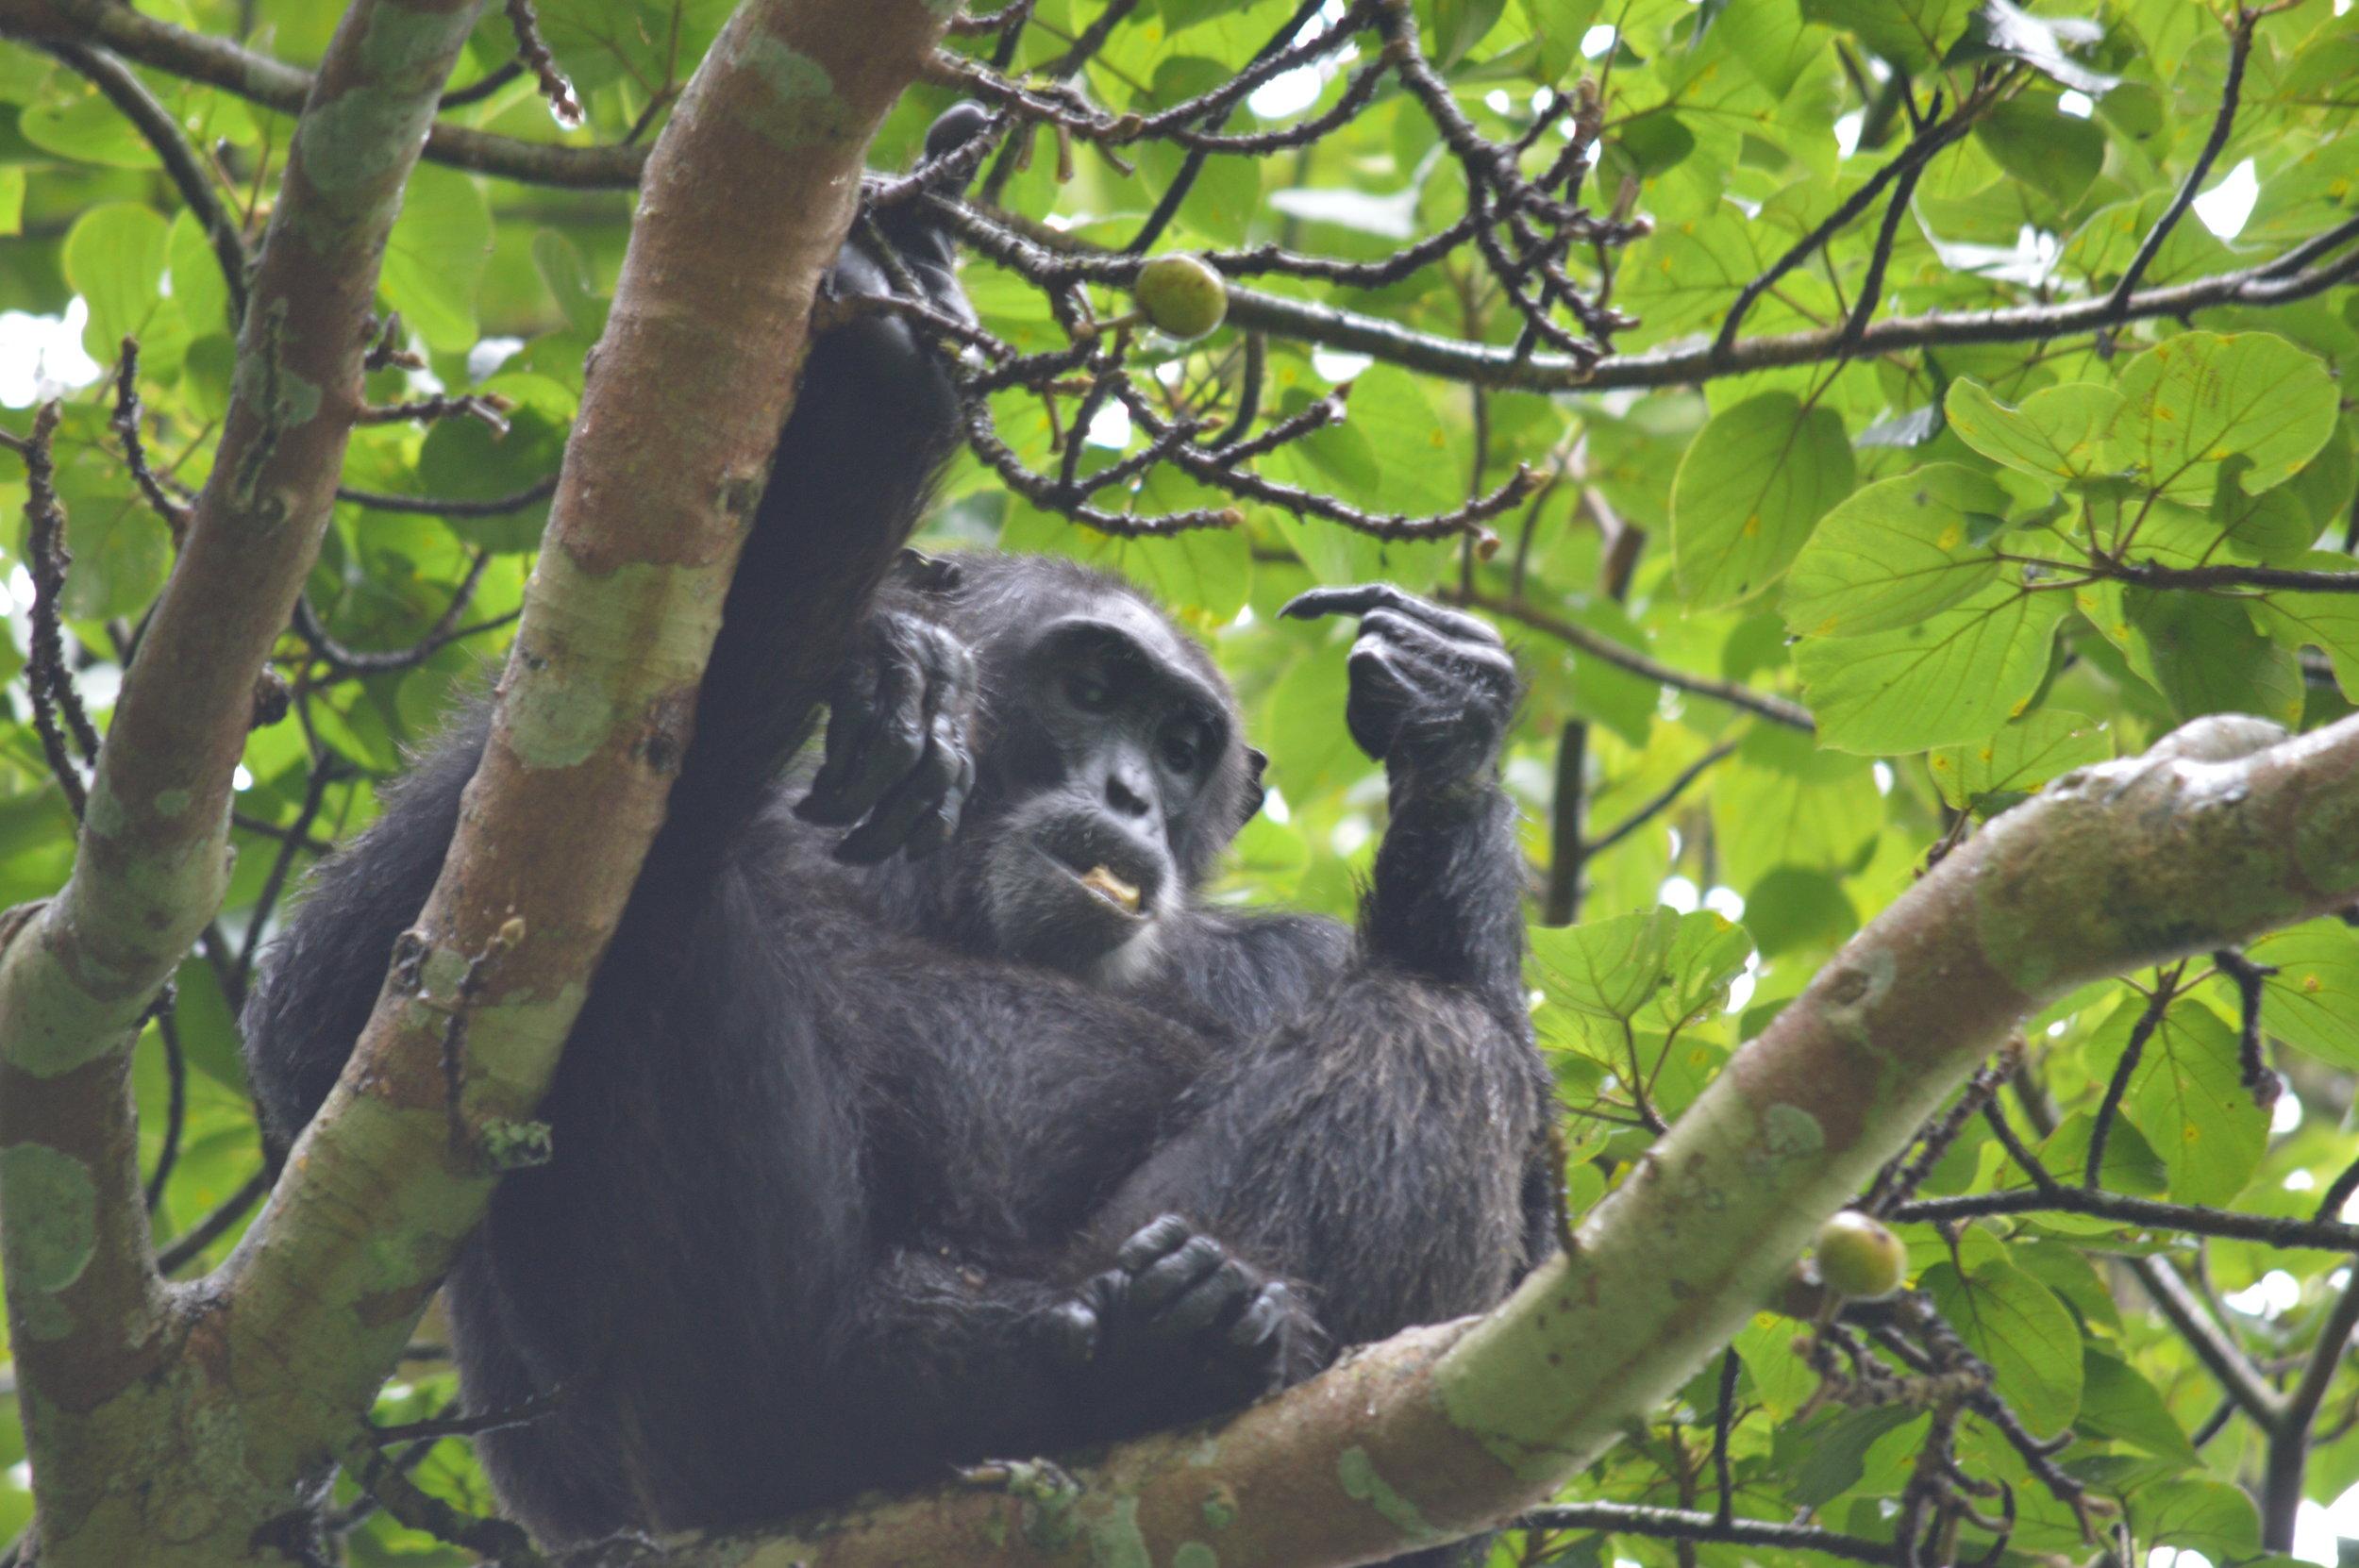 Chimpanzee on breakfast inside Kibale forest in Uganda